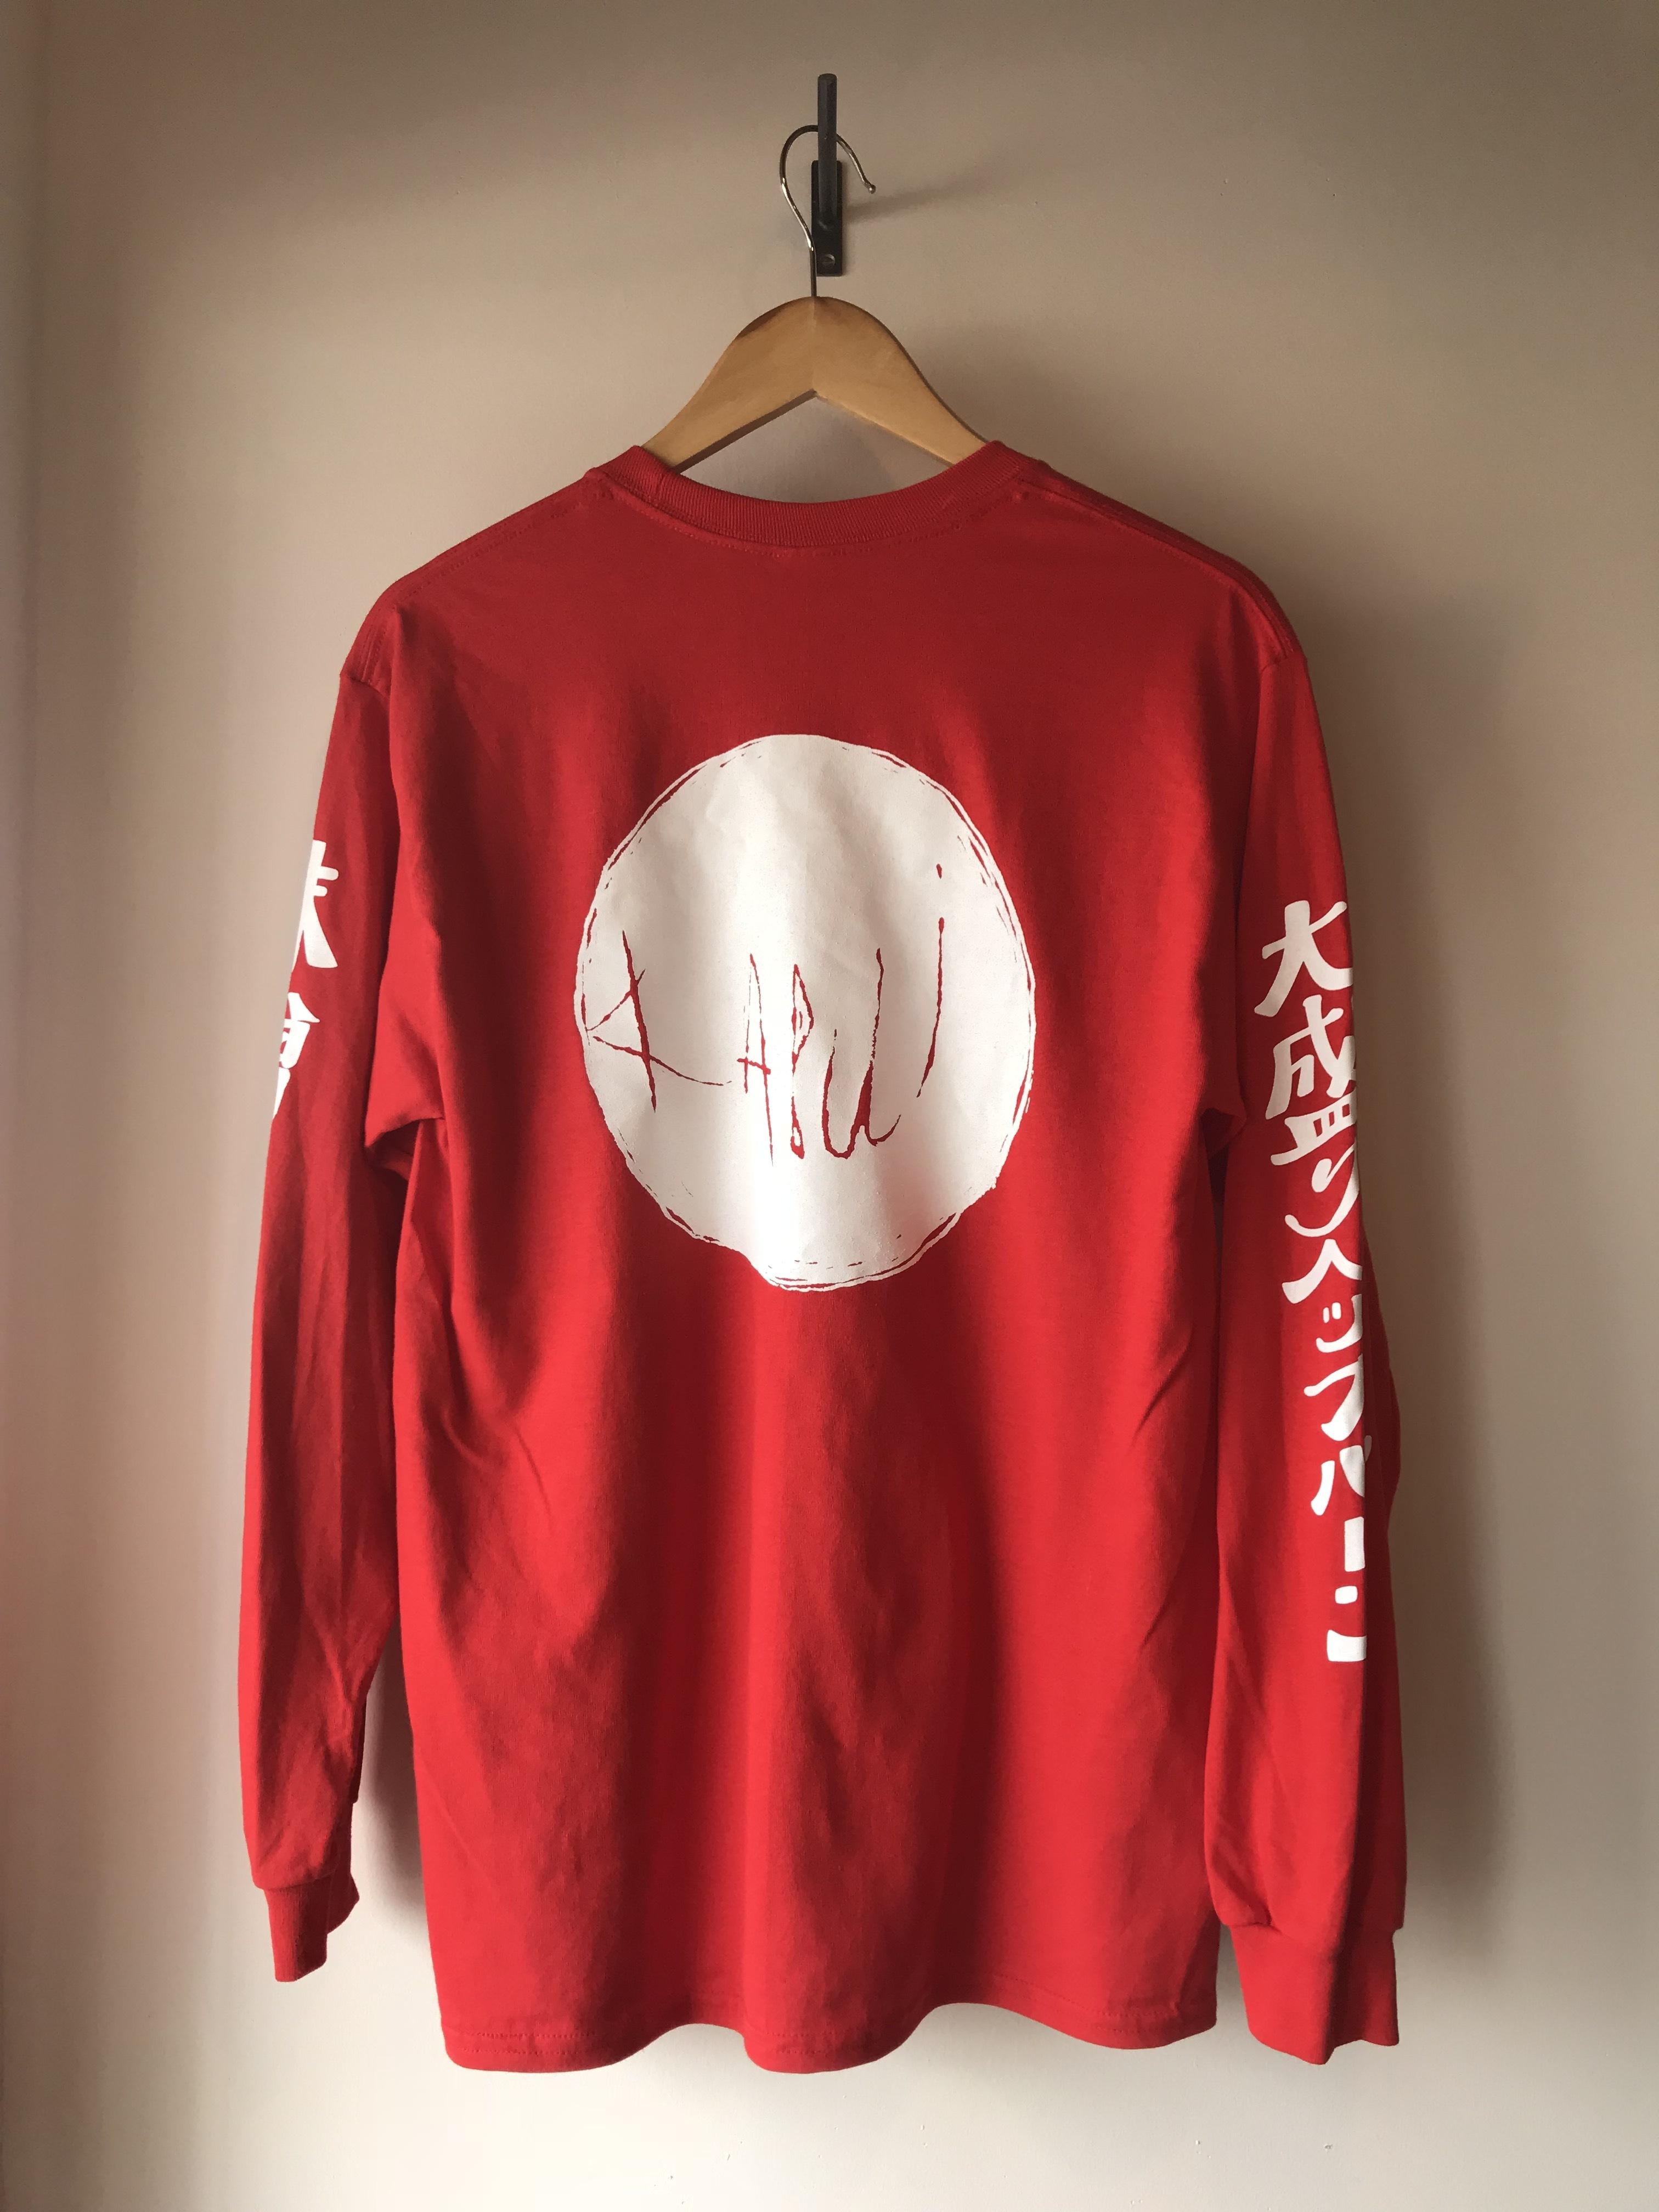 kabui オリジナル 日の丸 ロンT レッド